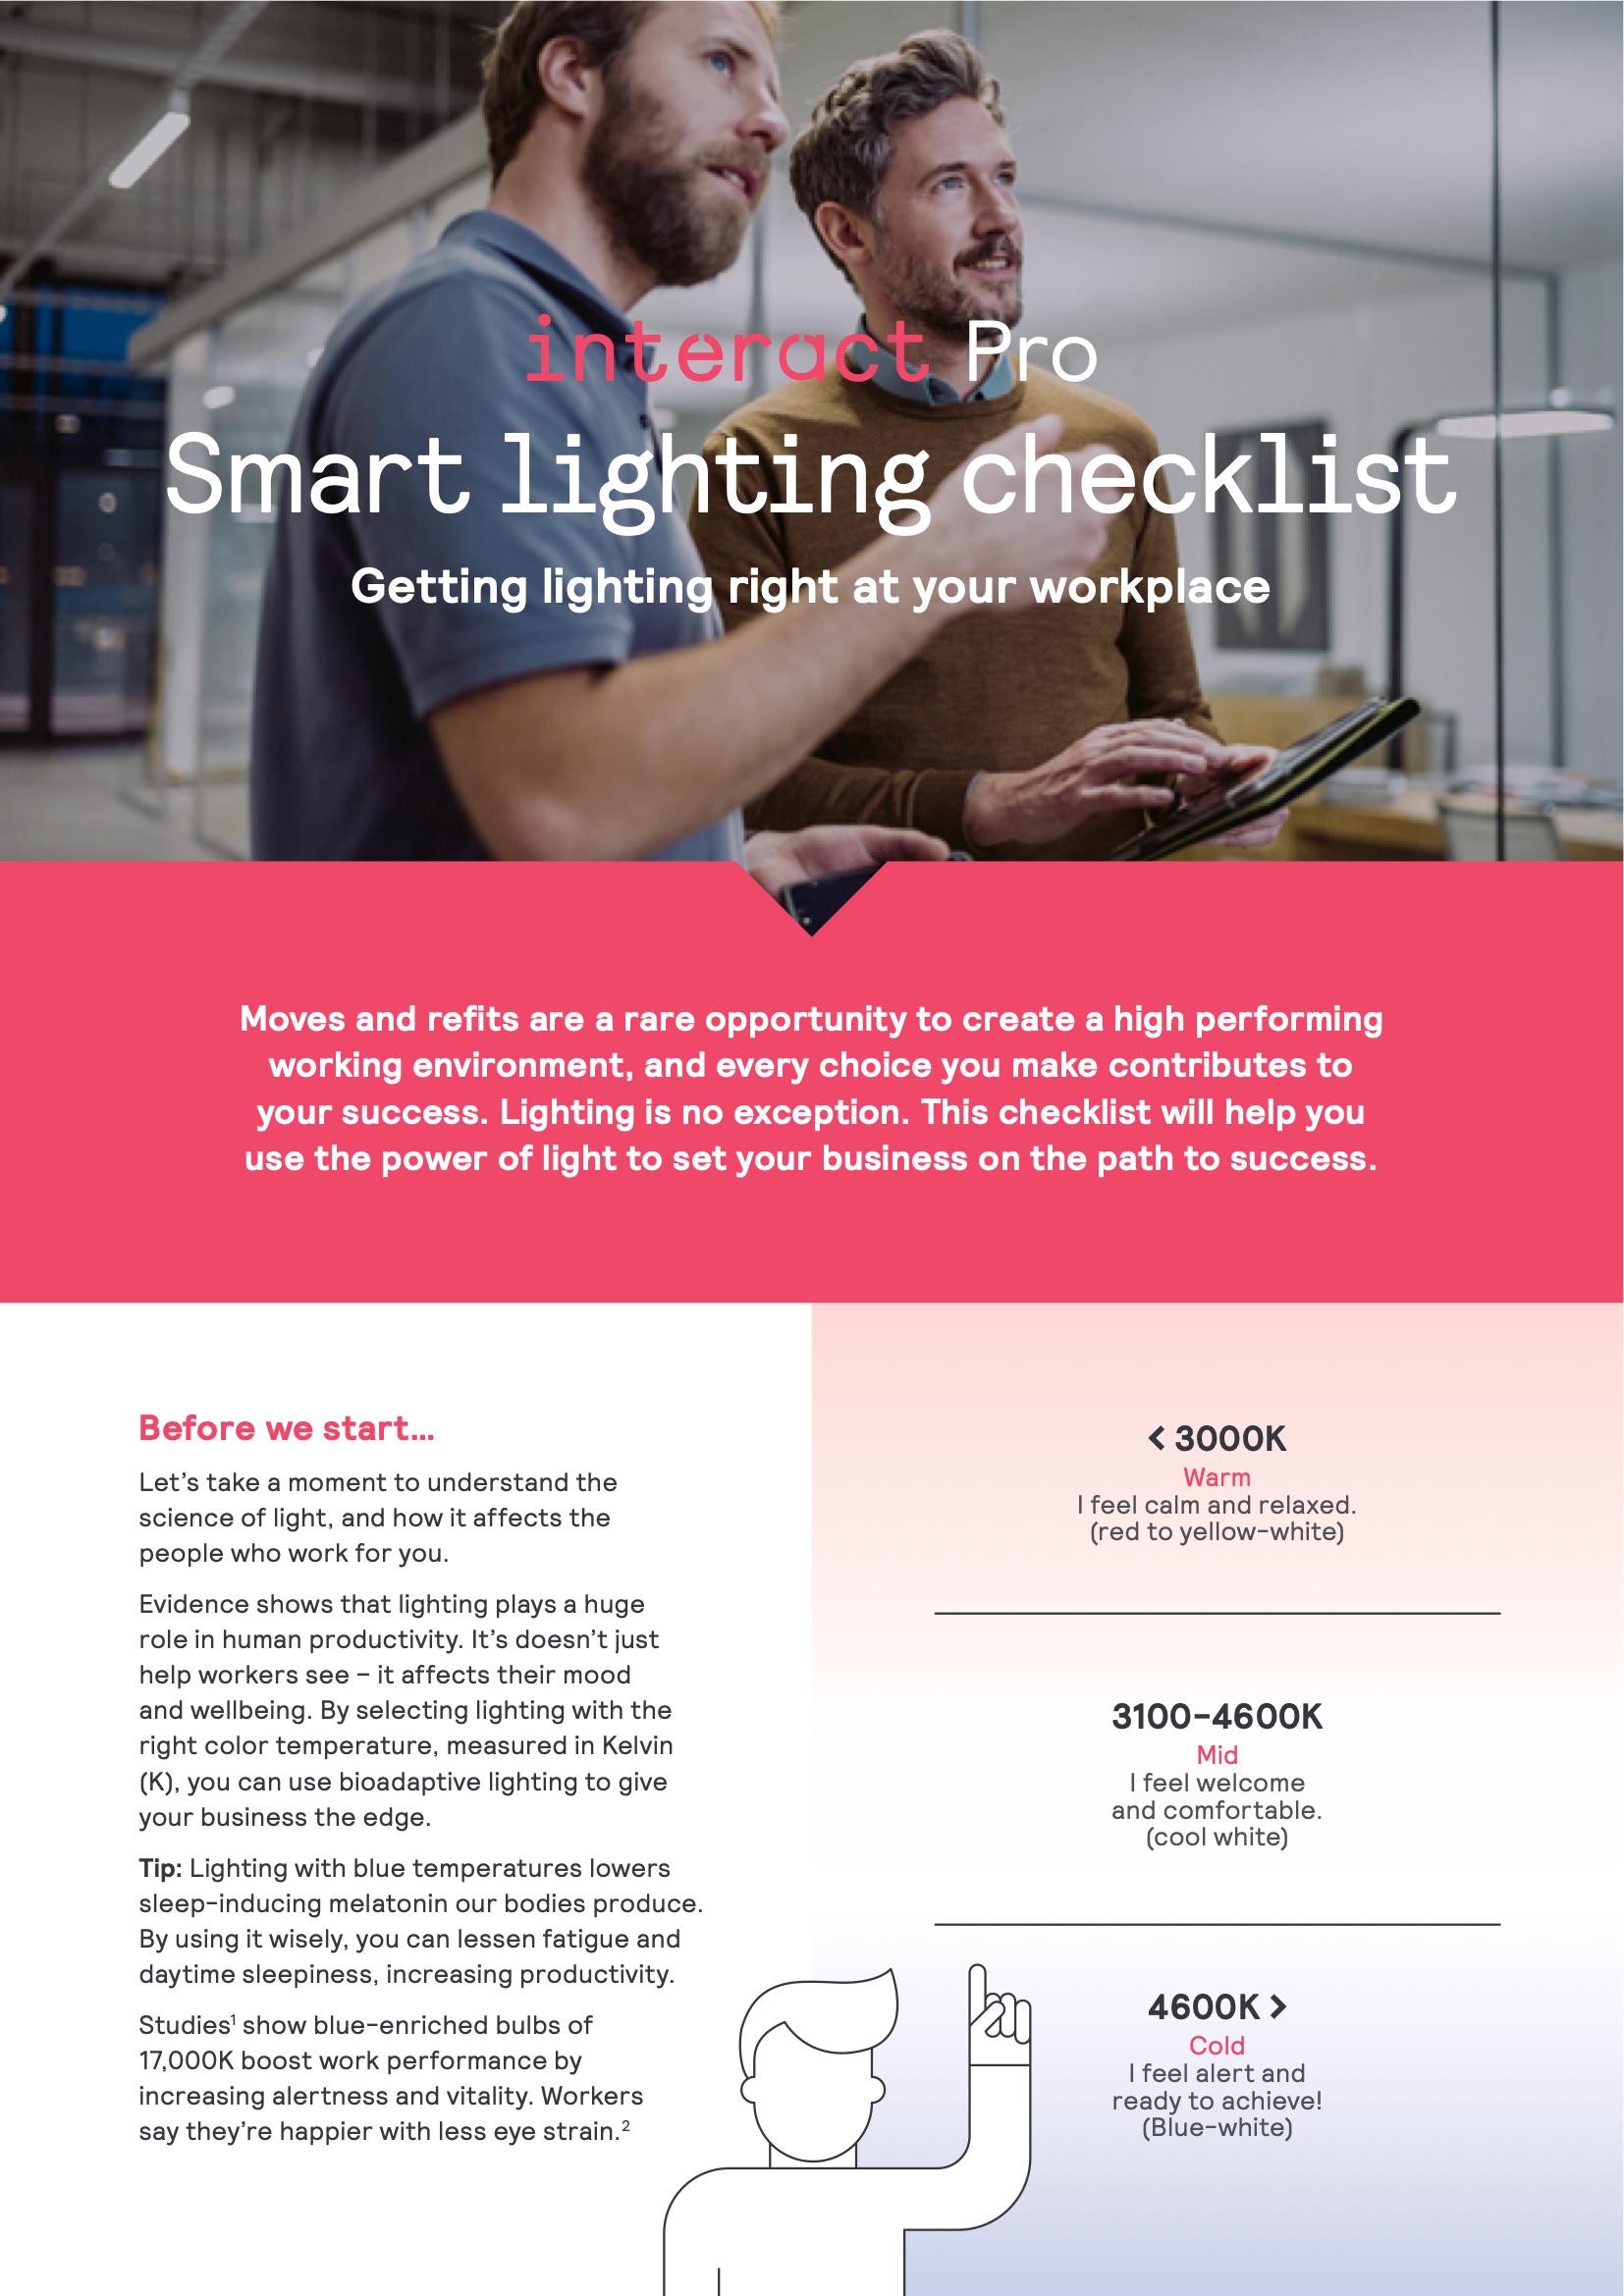 19756_Interact Pro lighting checklist_V1 copy-1.jpg